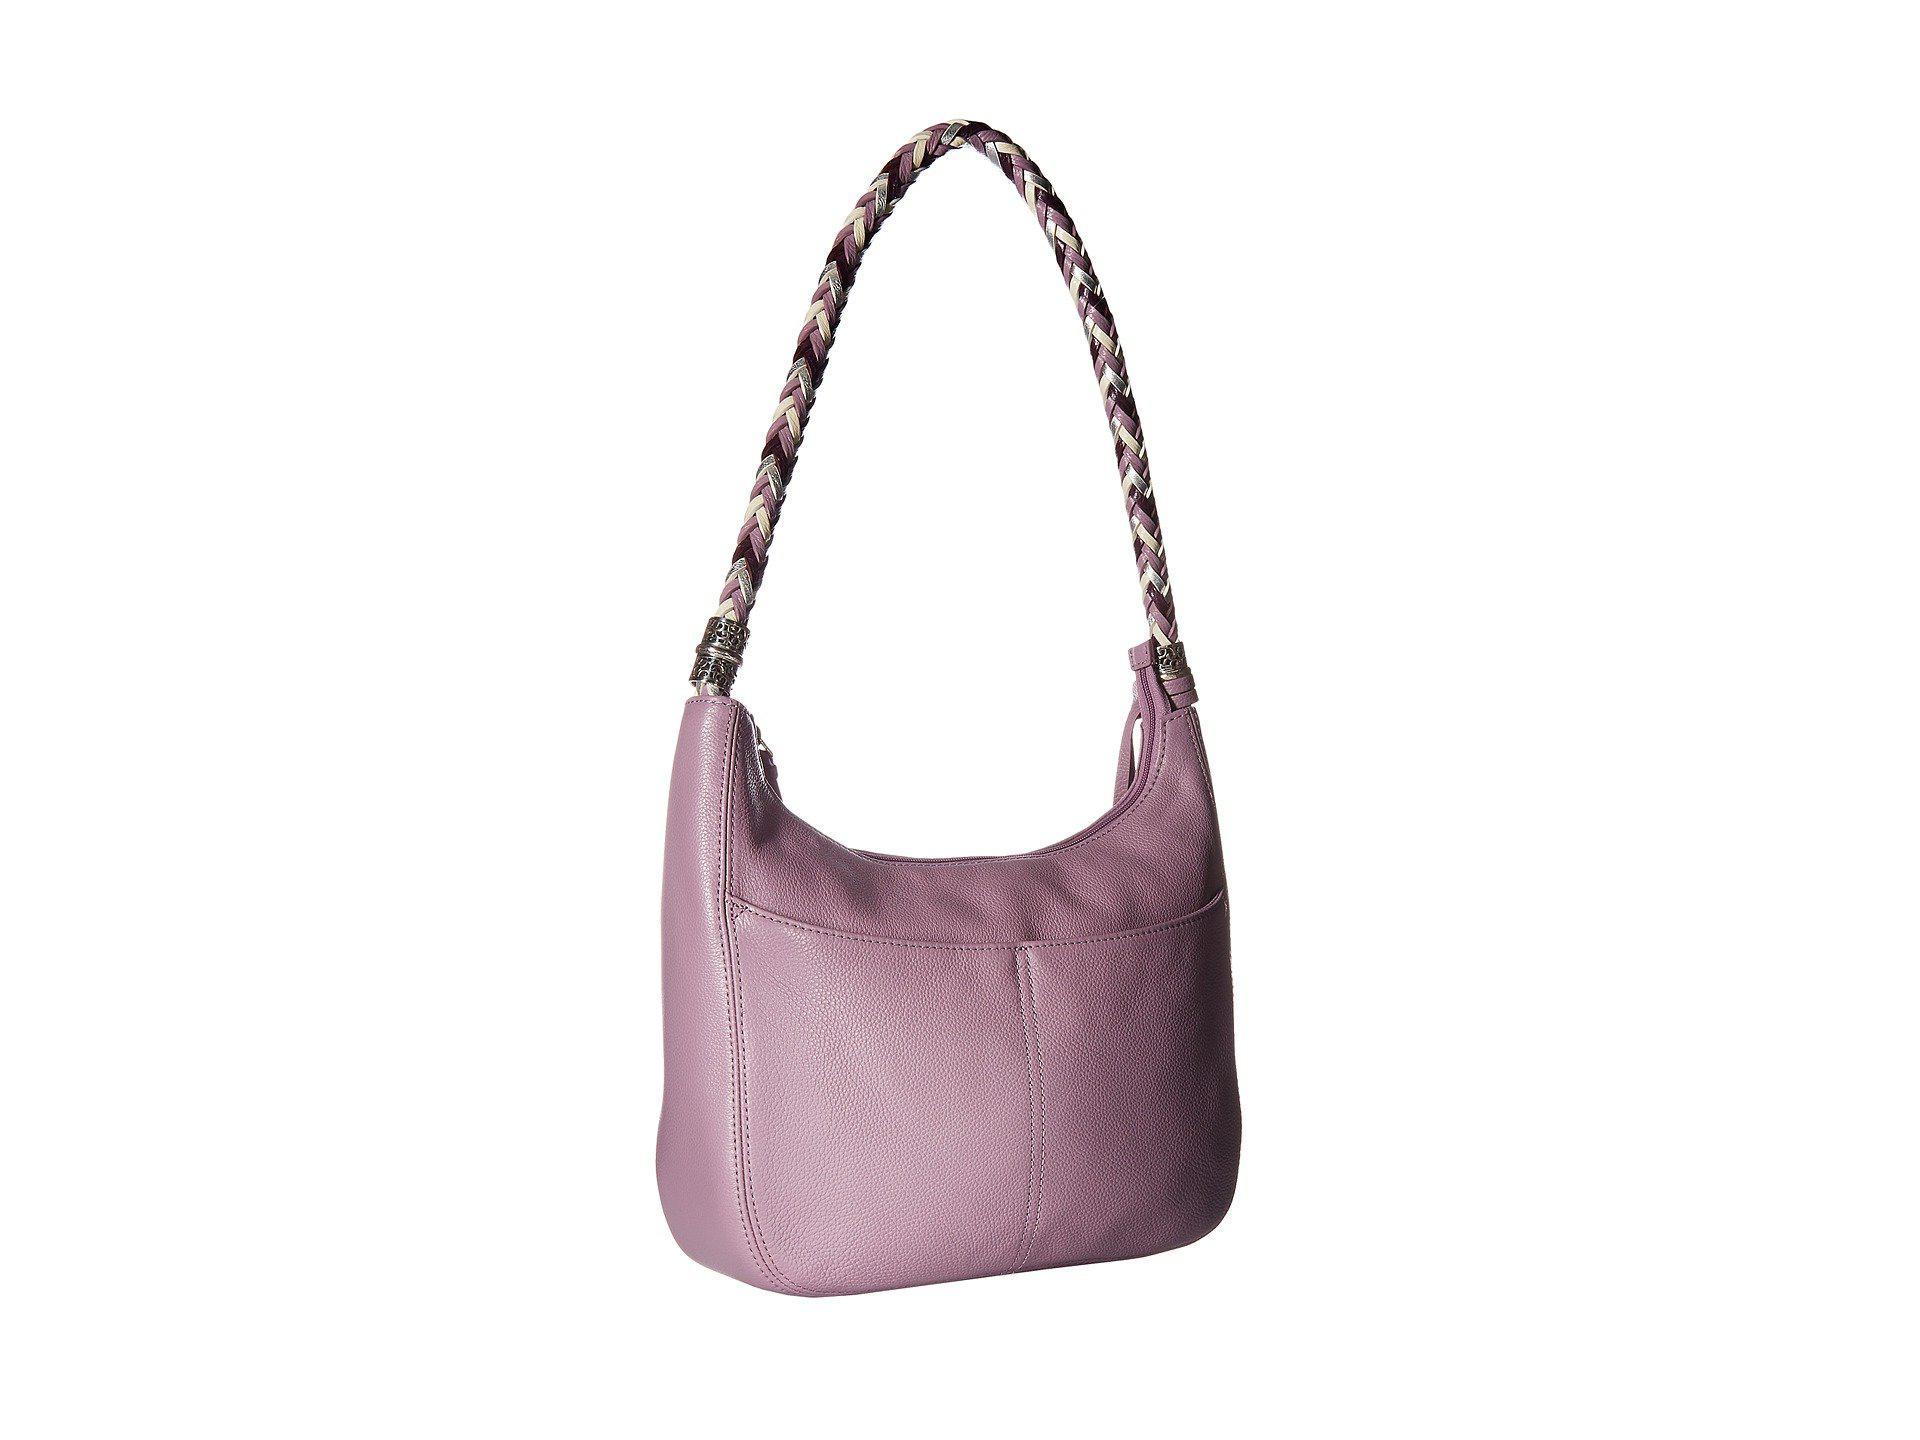 17e3288110 Brighton Barbados Ziptop Hobo in Purple - Lyst